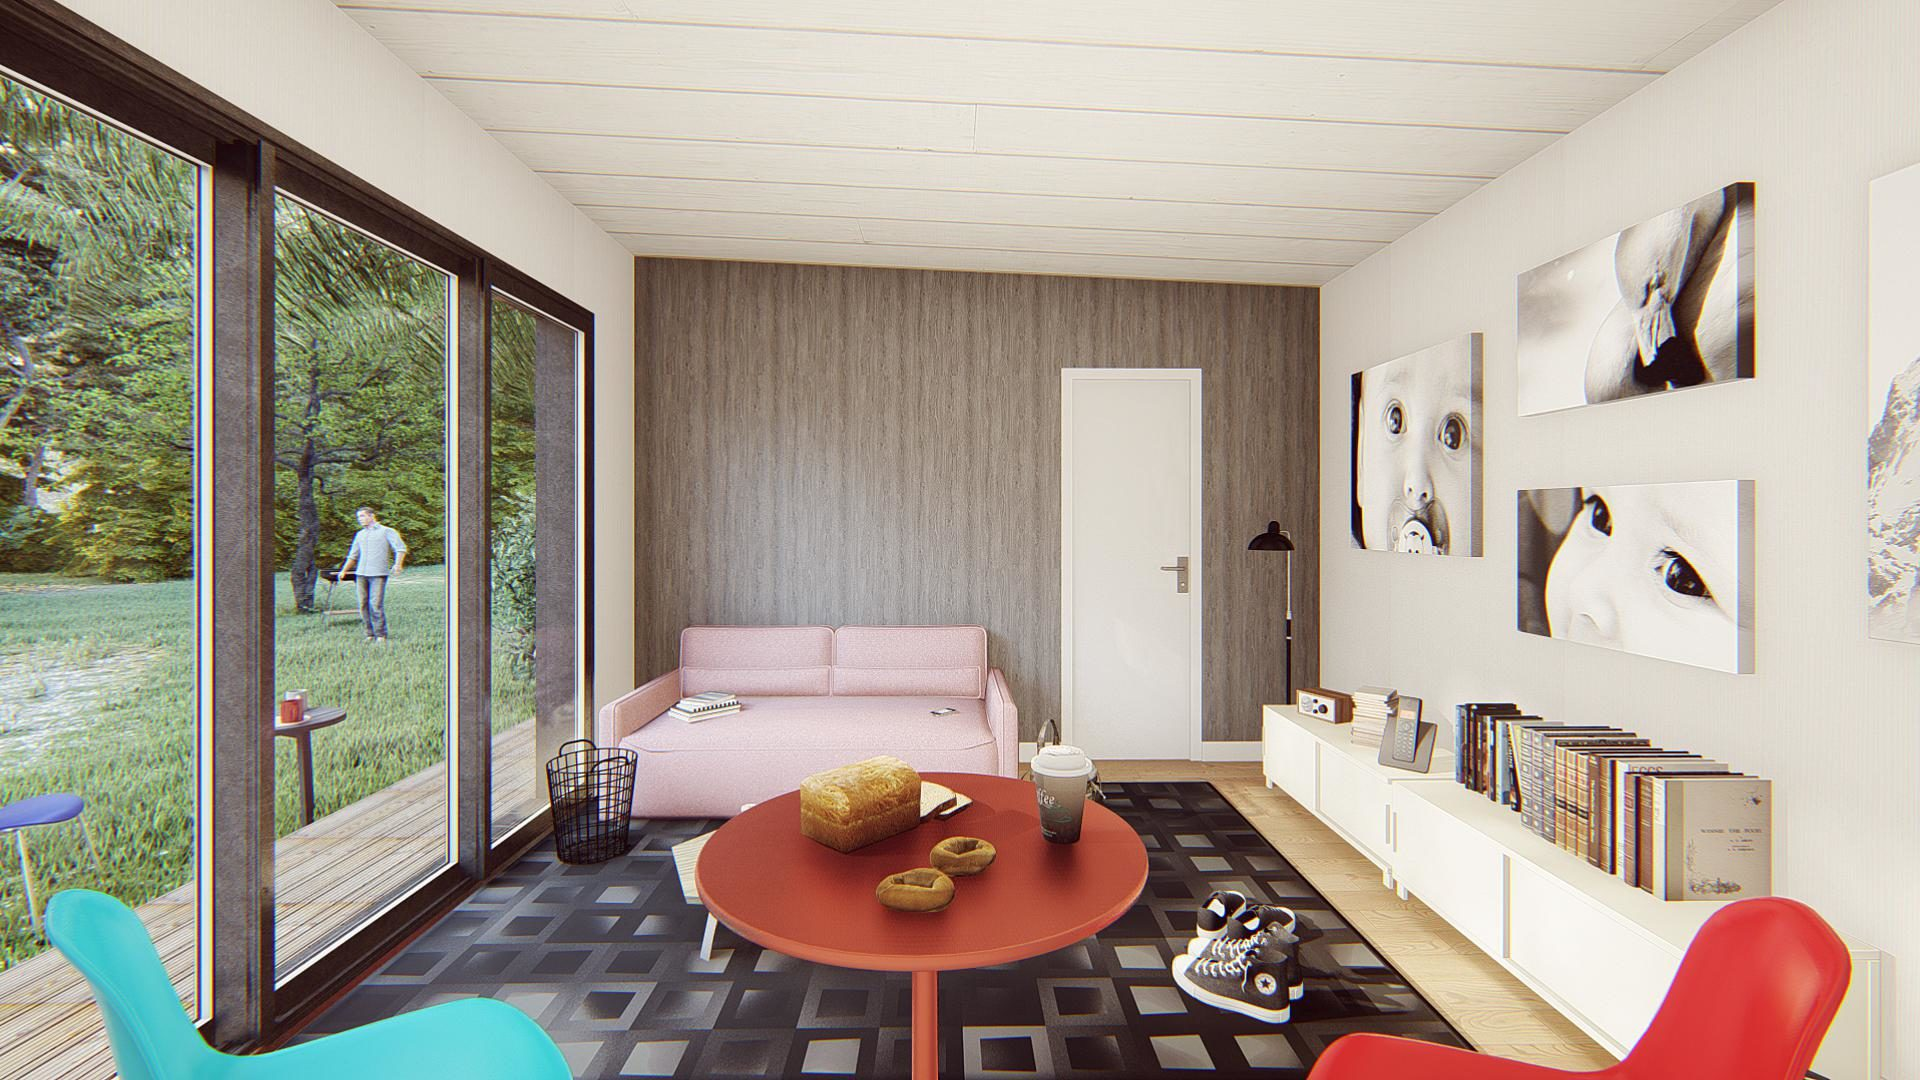 studio de jardin 35m2 vue interieure